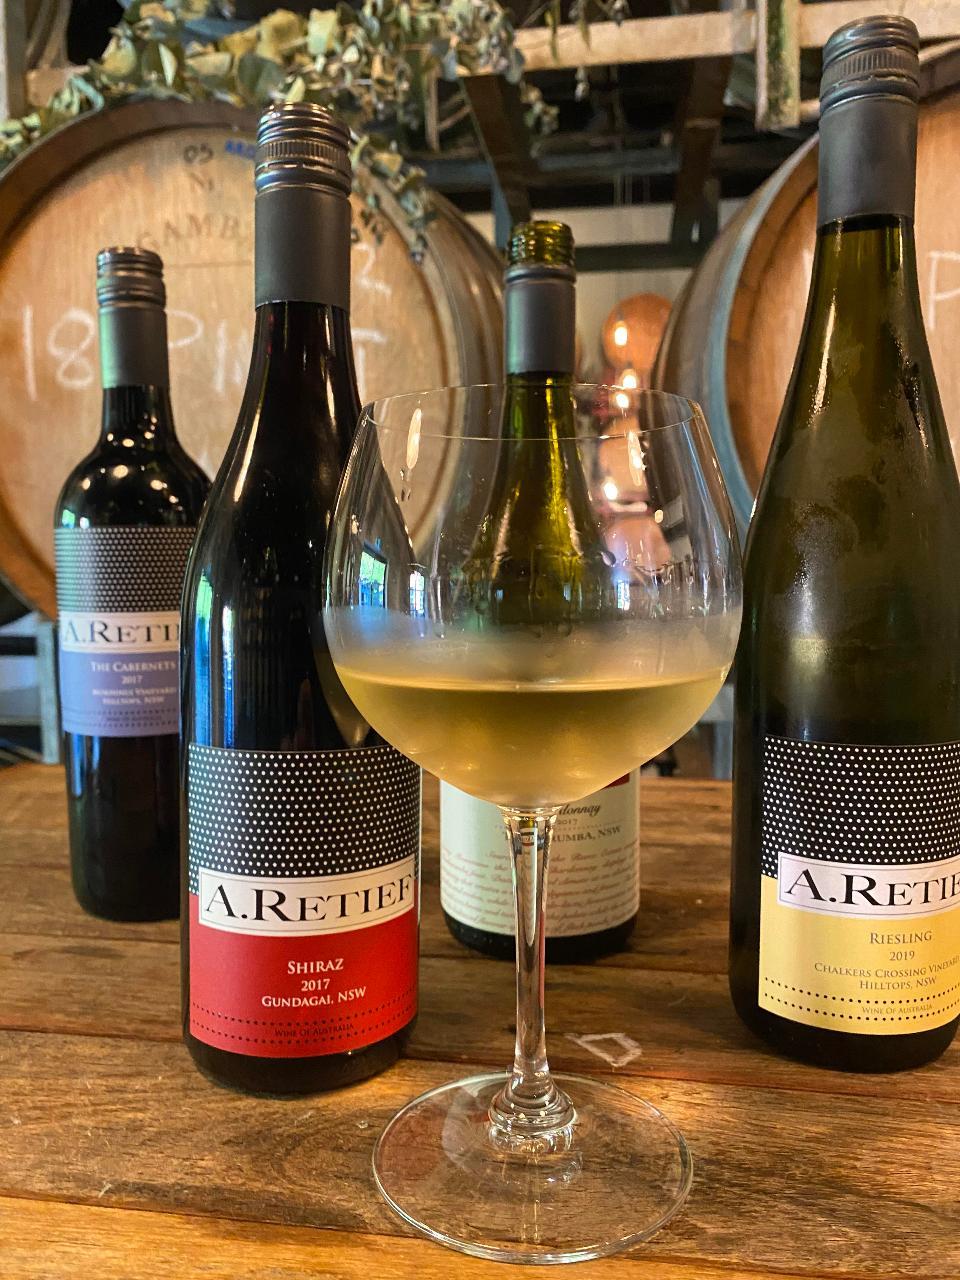 A.Retief Lockdown Wines